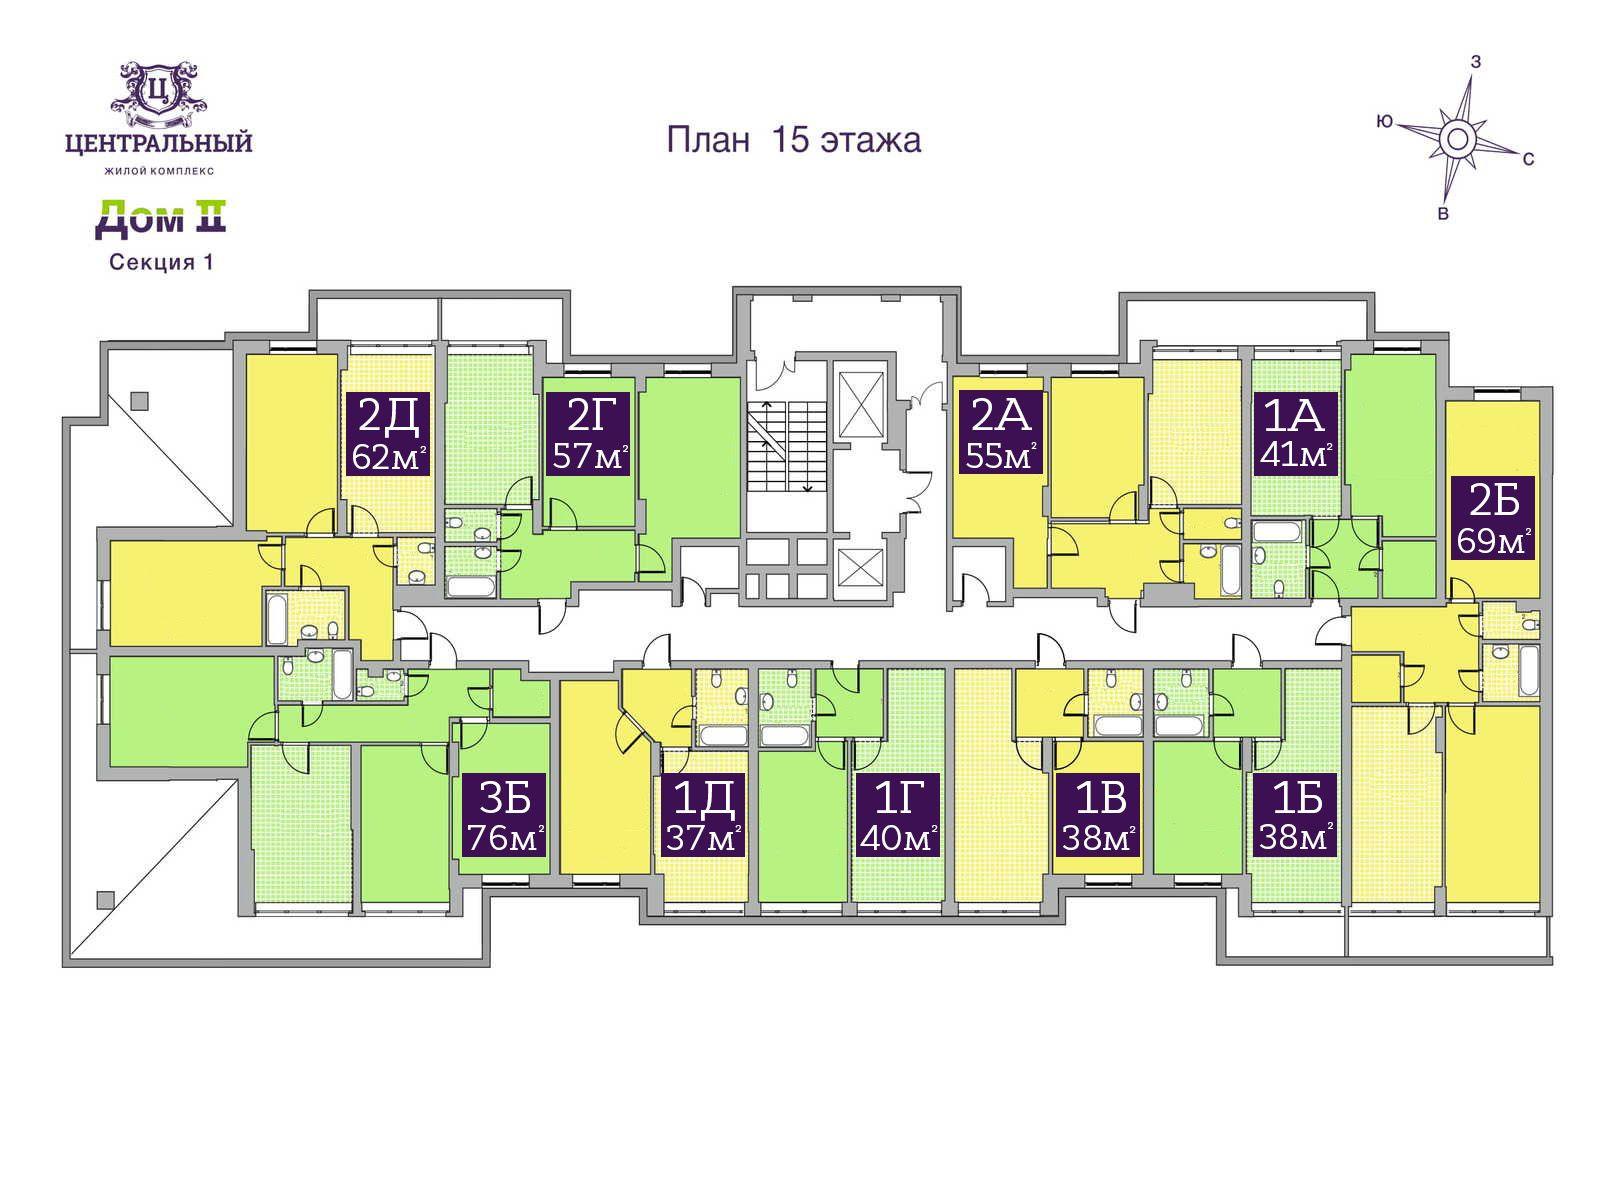 Дом 2. Секция 1. 15 этаж